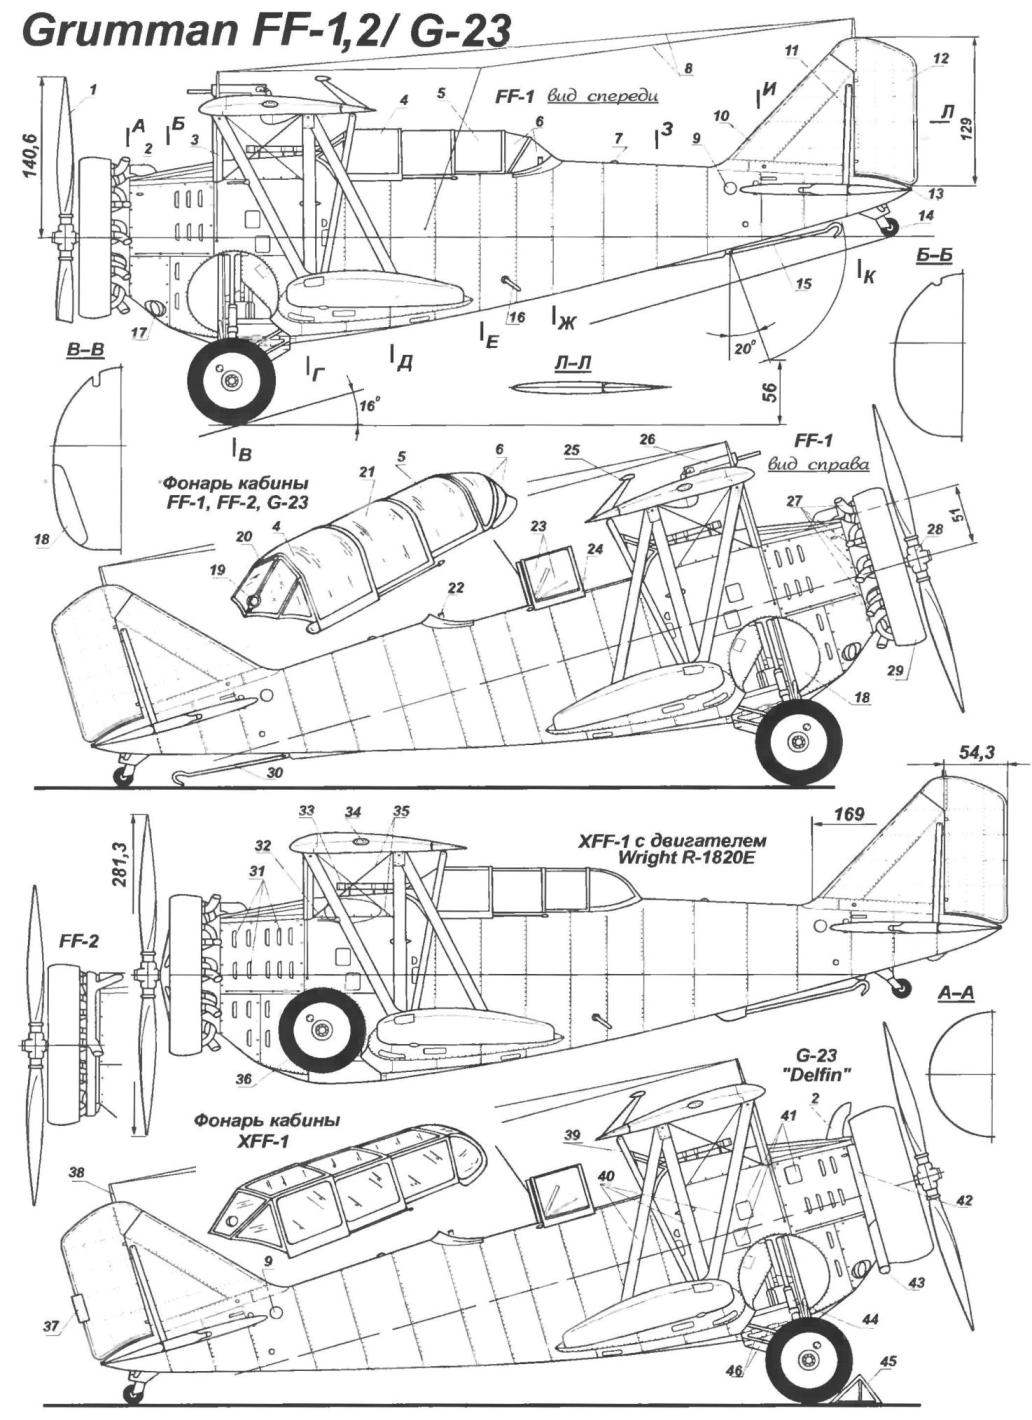 Fighter FF-1